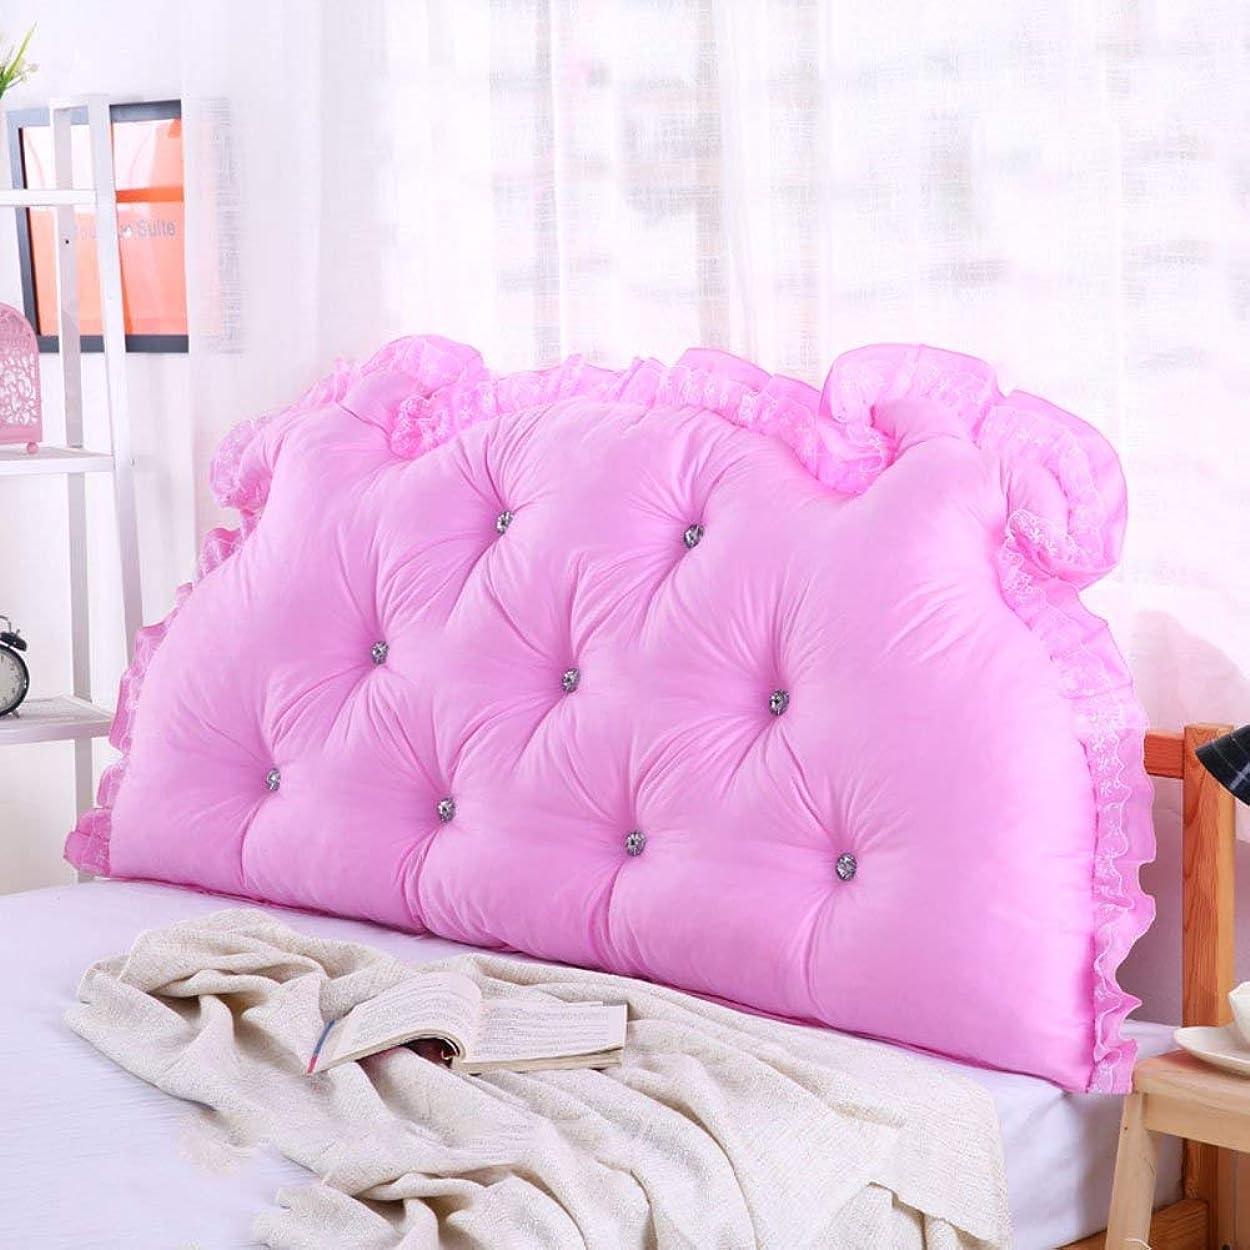 サイドボードいま内向きNanwu ベッドサイドの読書枕背部クッション、ソファーマットクッション100%綿背もたれ位置決めサポート枕 (Color : G, サイズ : 110x70x15cm(43x28x6inch))